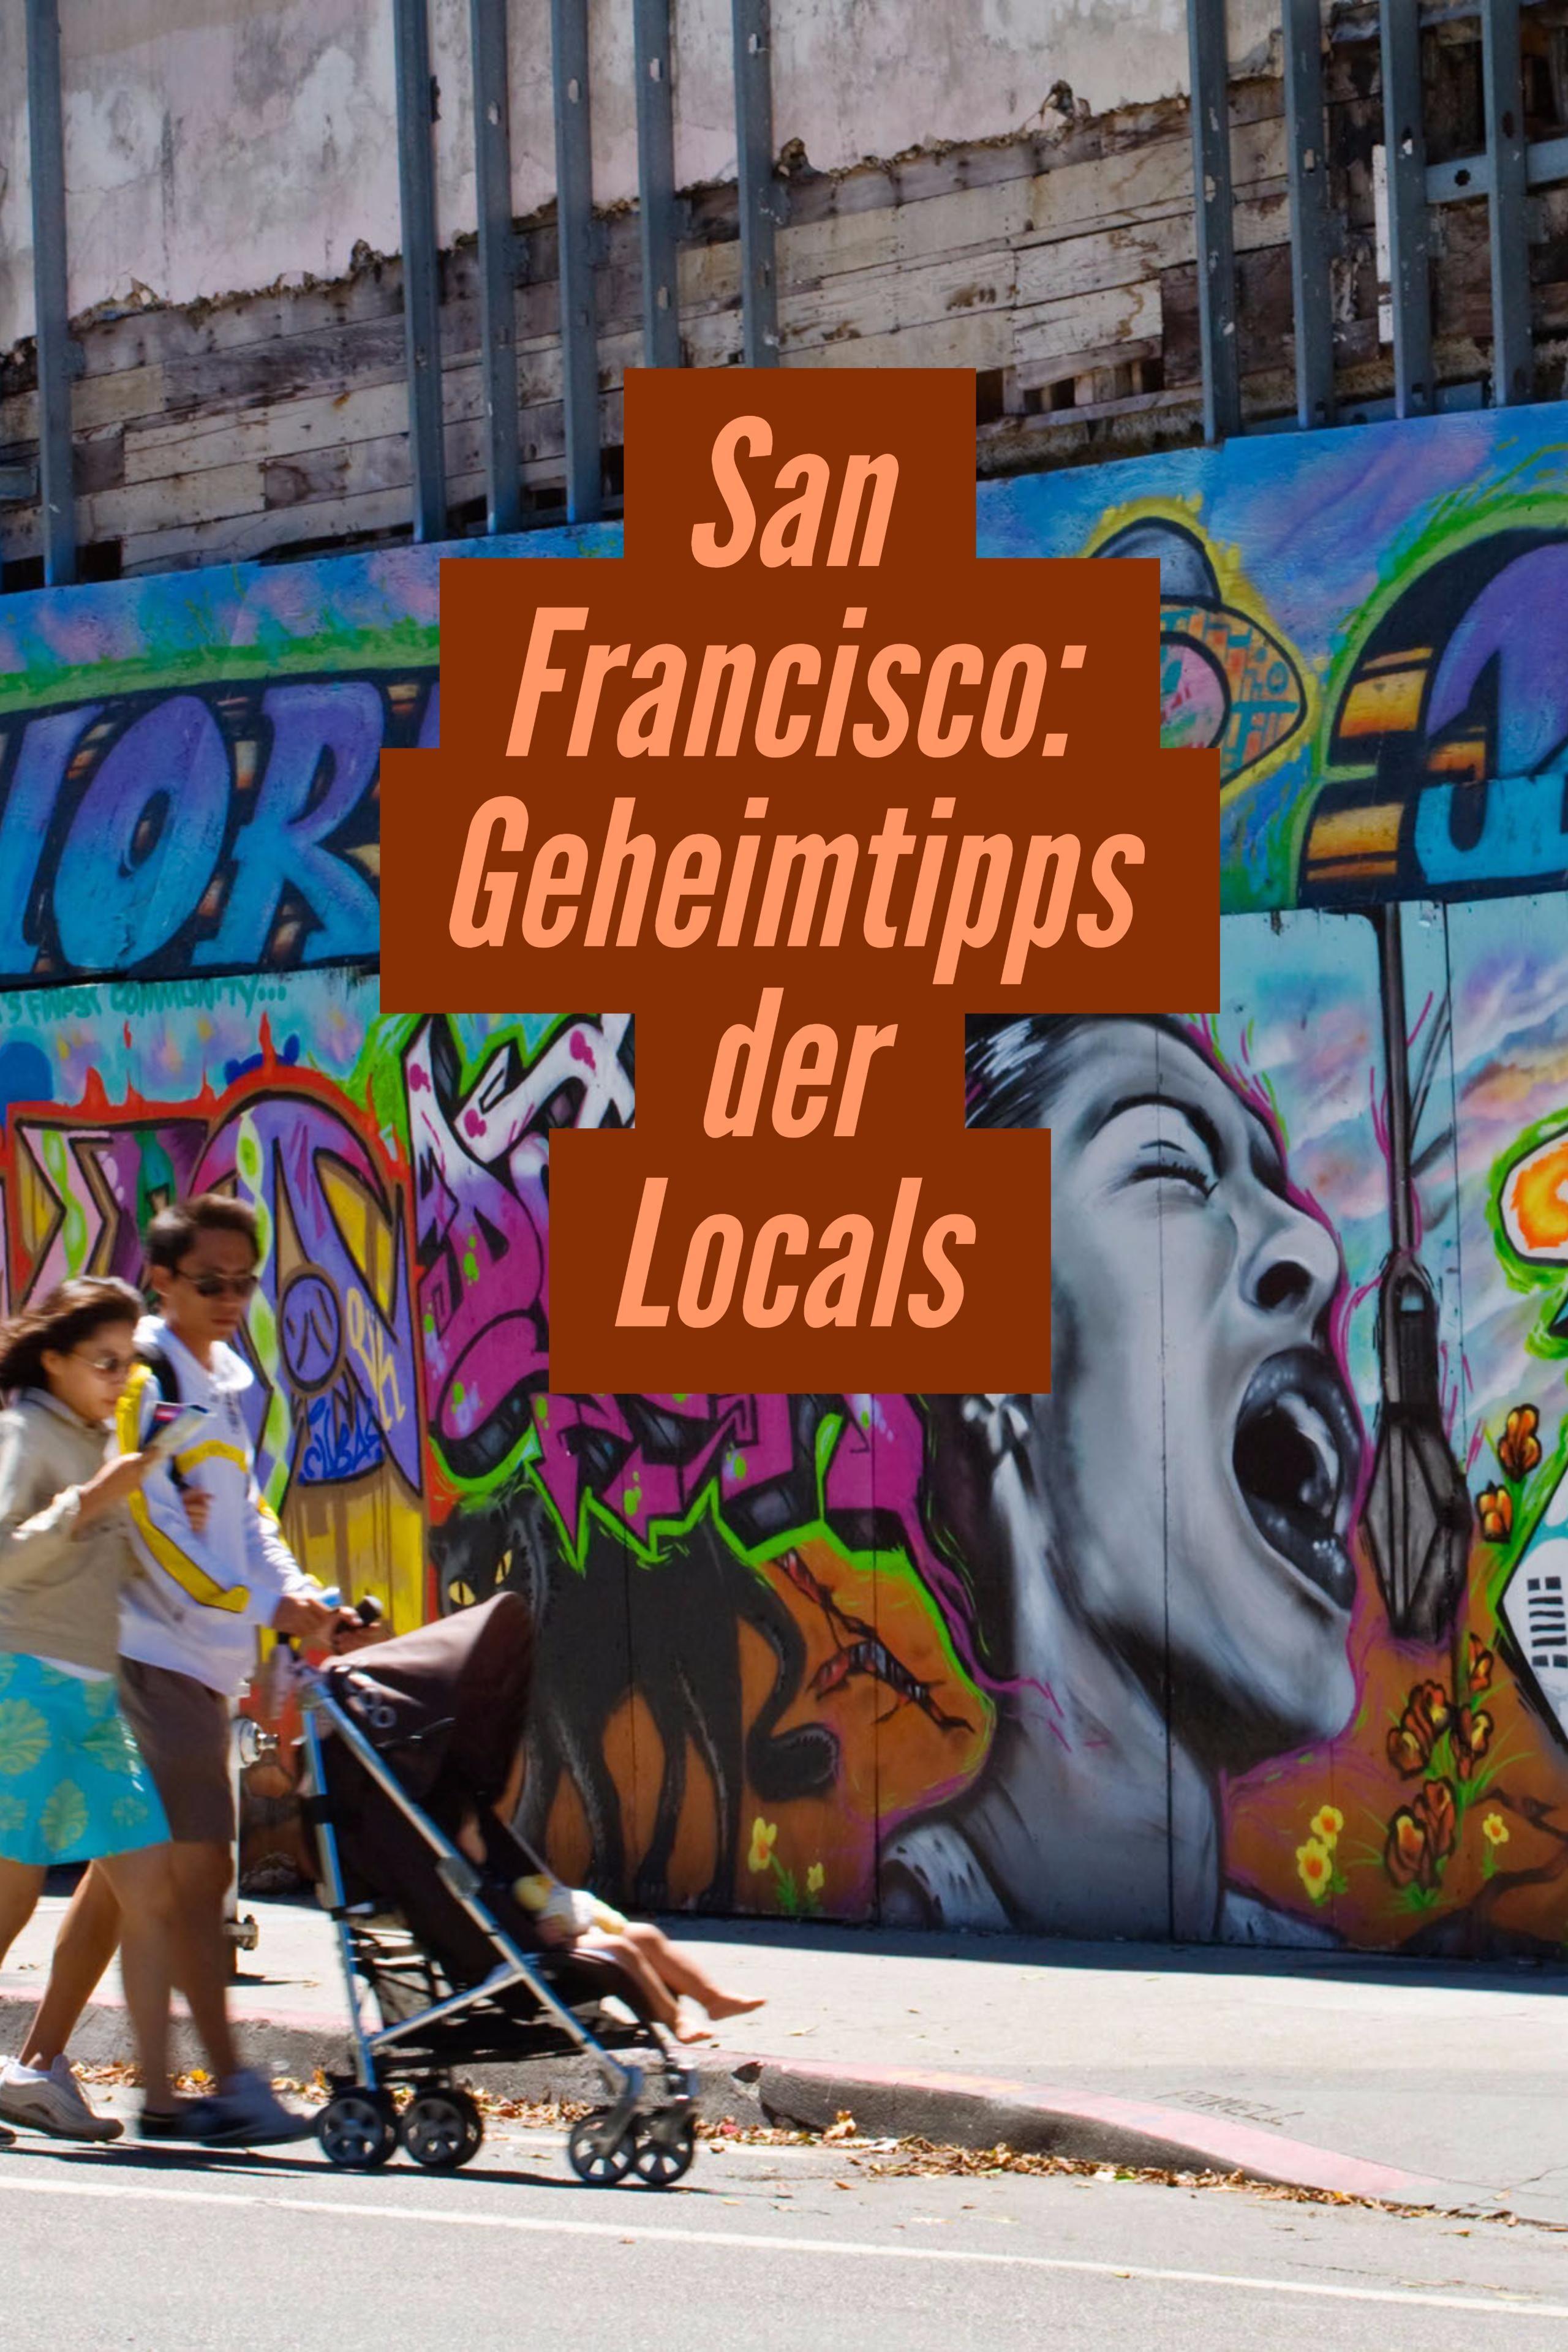 Golden Gate Bridge, Union Square – doch abseits der Touristenströme verbirgt sich das wahre San Francisco. Mit diesen 5 Tipps von Locals lernst du die Stadt der 42 Hügel ganz anders kennen. #travelnorthamerica